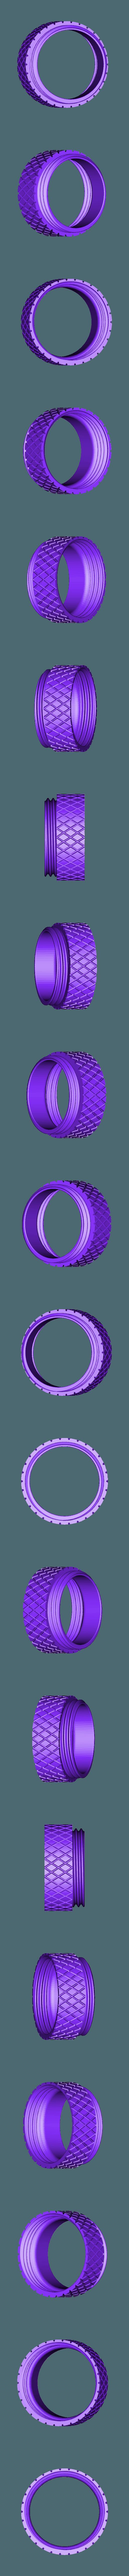 Spacer_16mm.stl Télécharger fichier STL gratuit Conteneur rond avec hauteur à l'infini • Design imprimable en 3D, VICLER